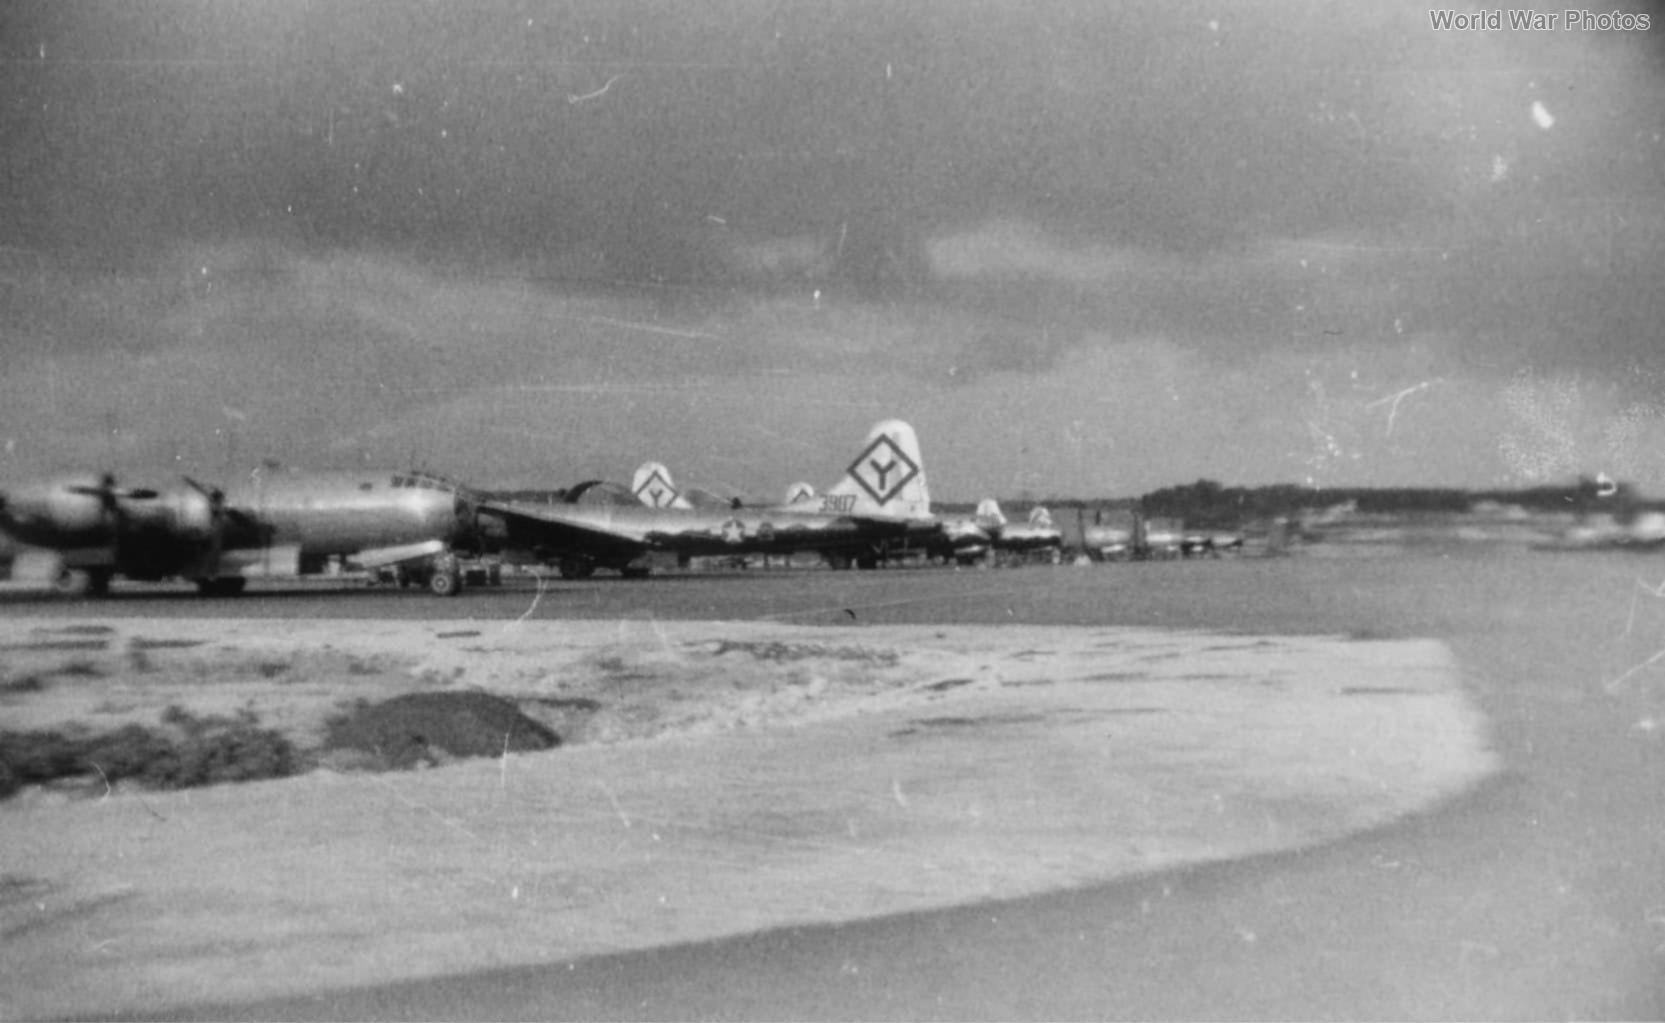 B-29 bombers of the 501st BG